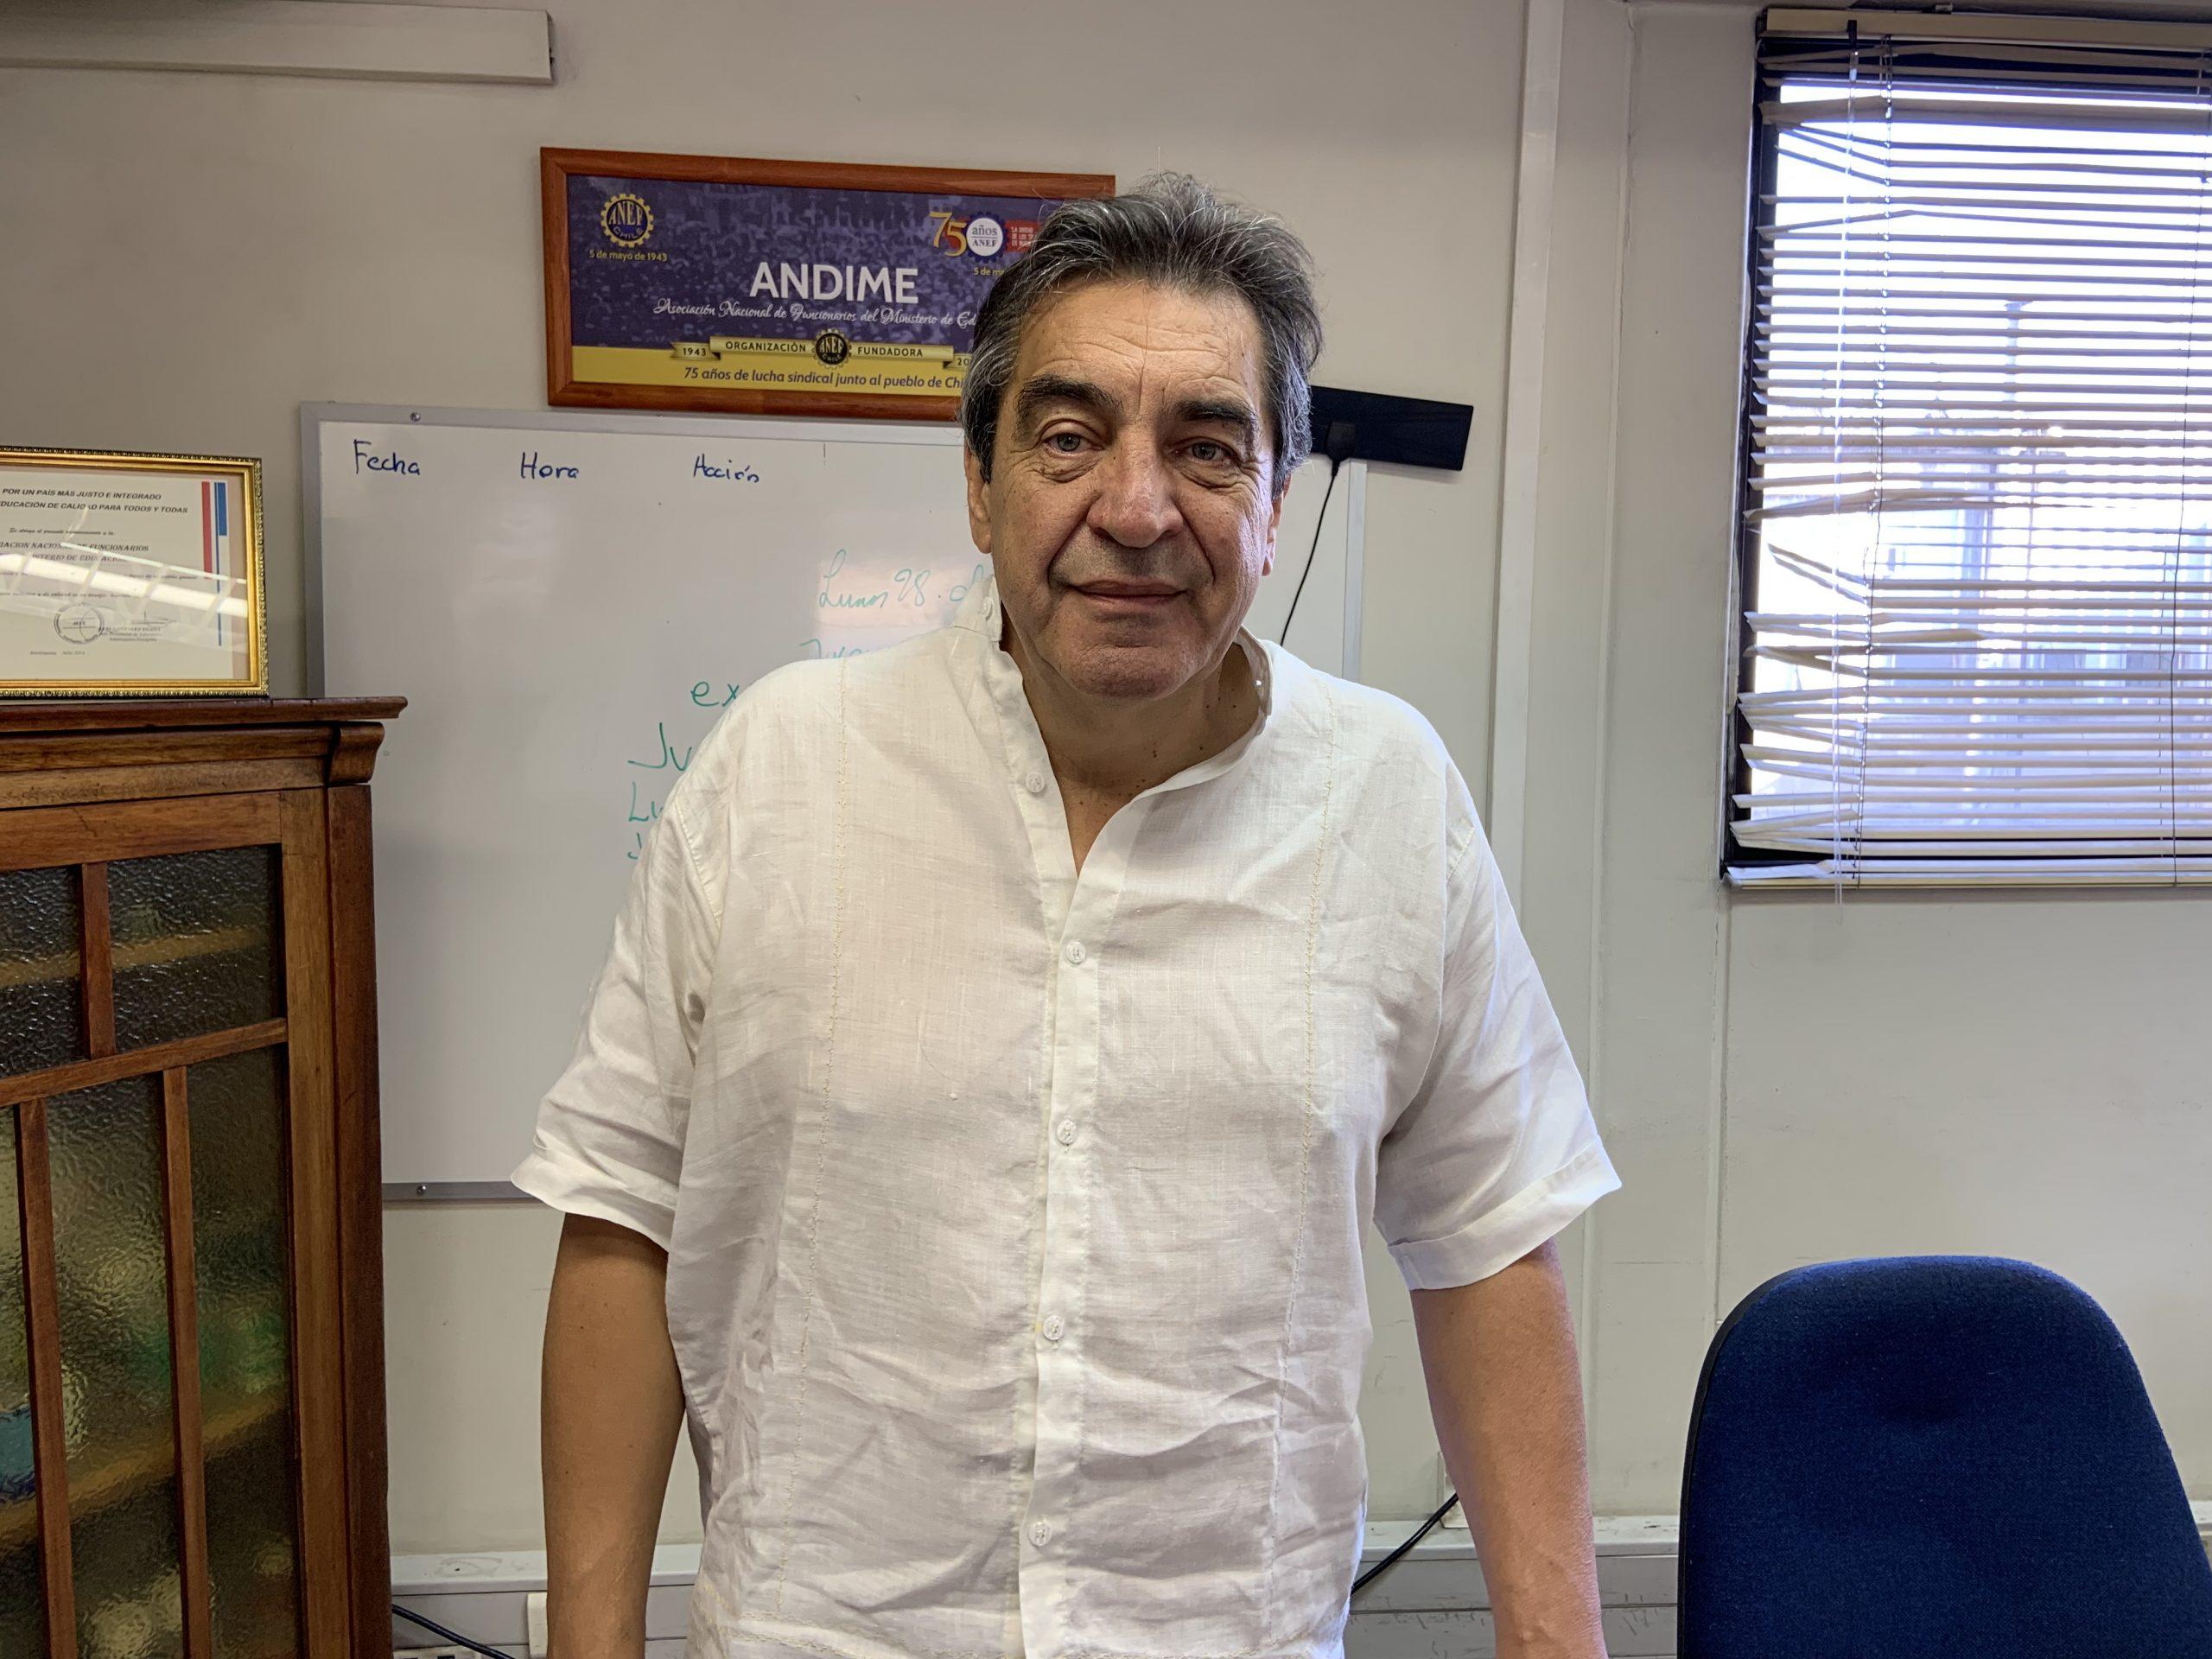 """Hugo Godoy de visita en ANDIME: """"Los males de la democracia se resuelven con más democracia, no con más represión"""""""